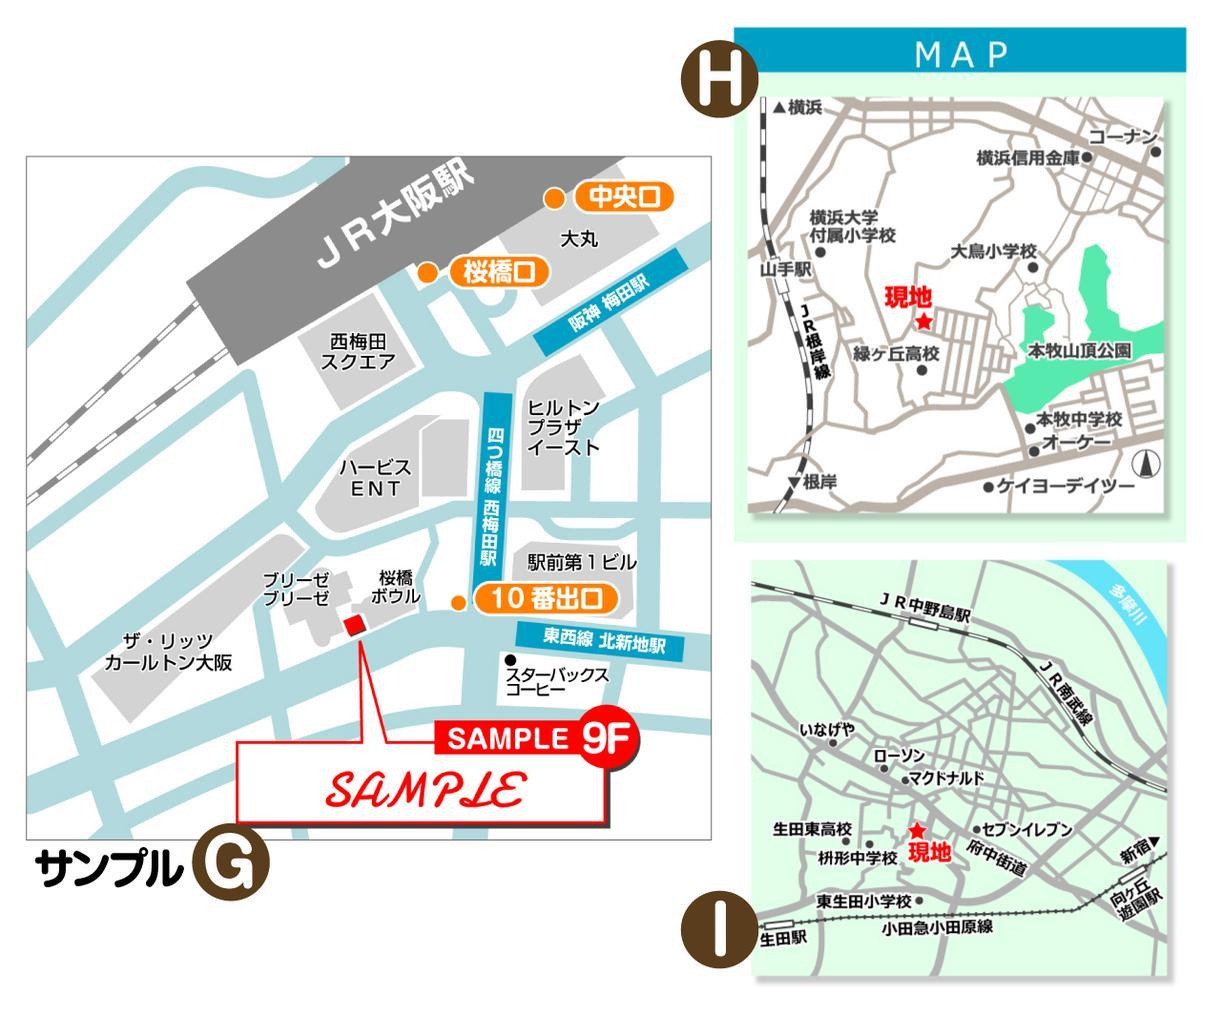 シンプルでスタイリッシュな地図作ります 住所だけ!3日ほどでさまざまなスタイルの地図を作成します!